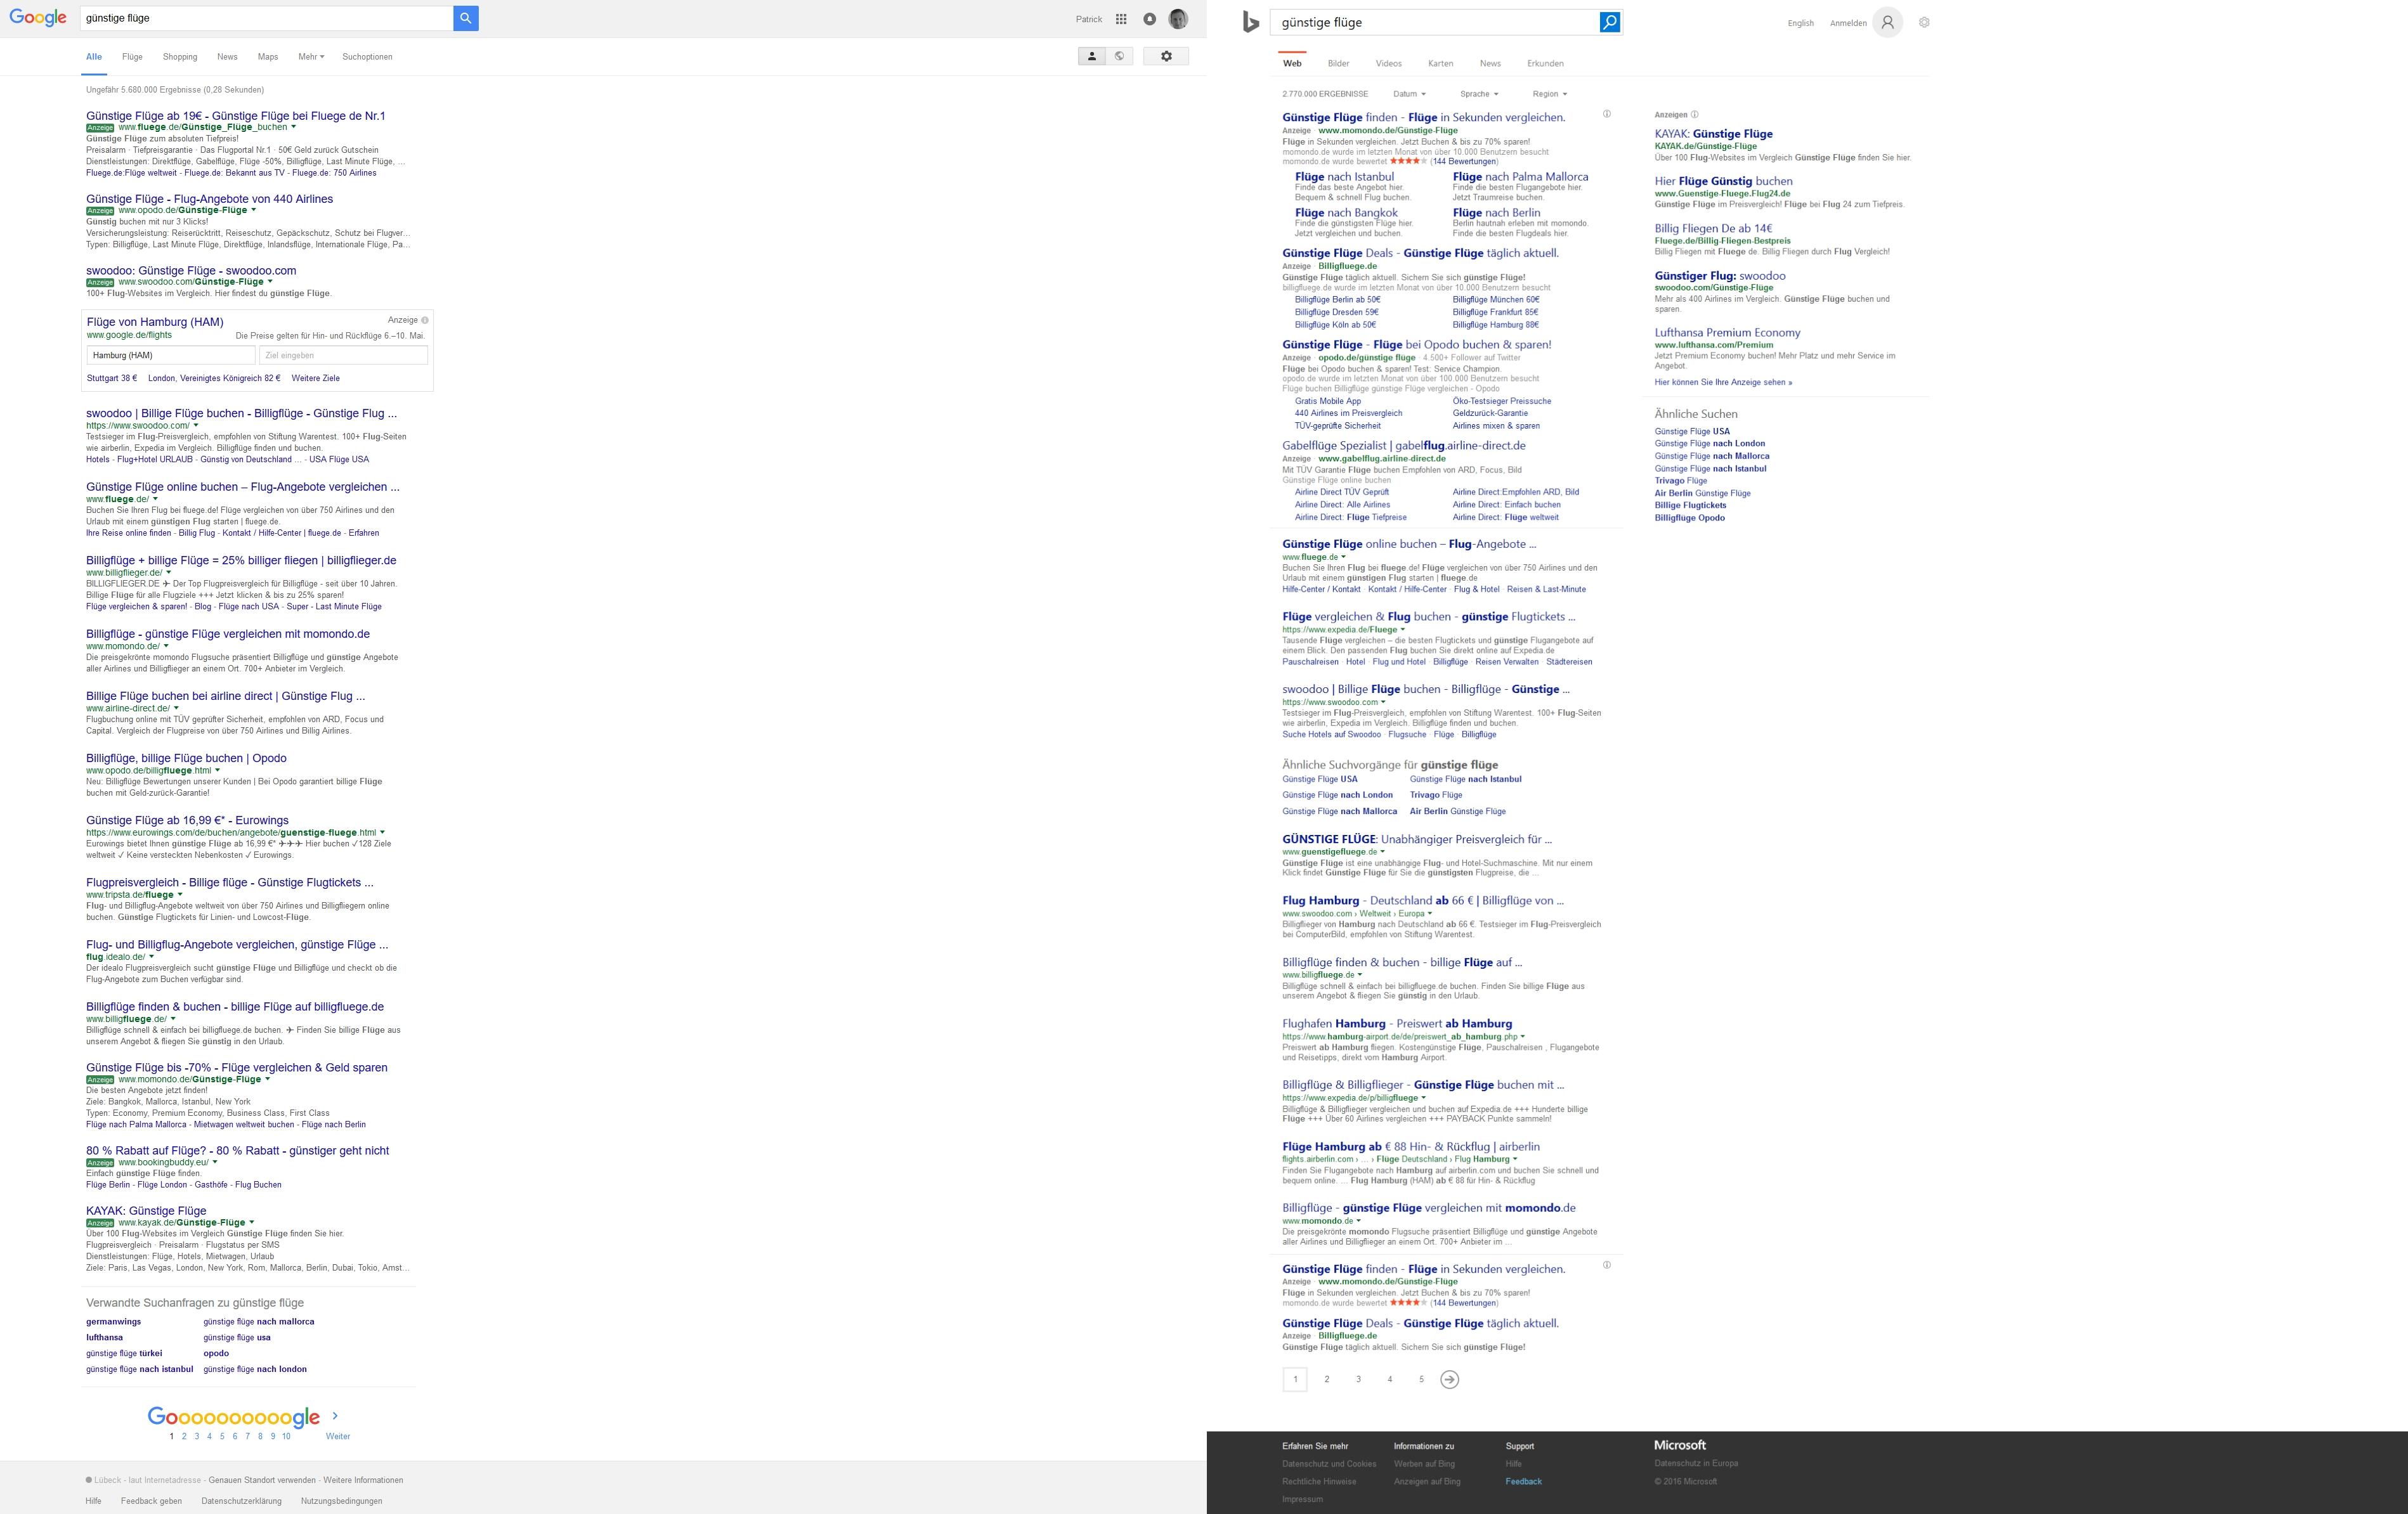 SERP bei Google und Bing